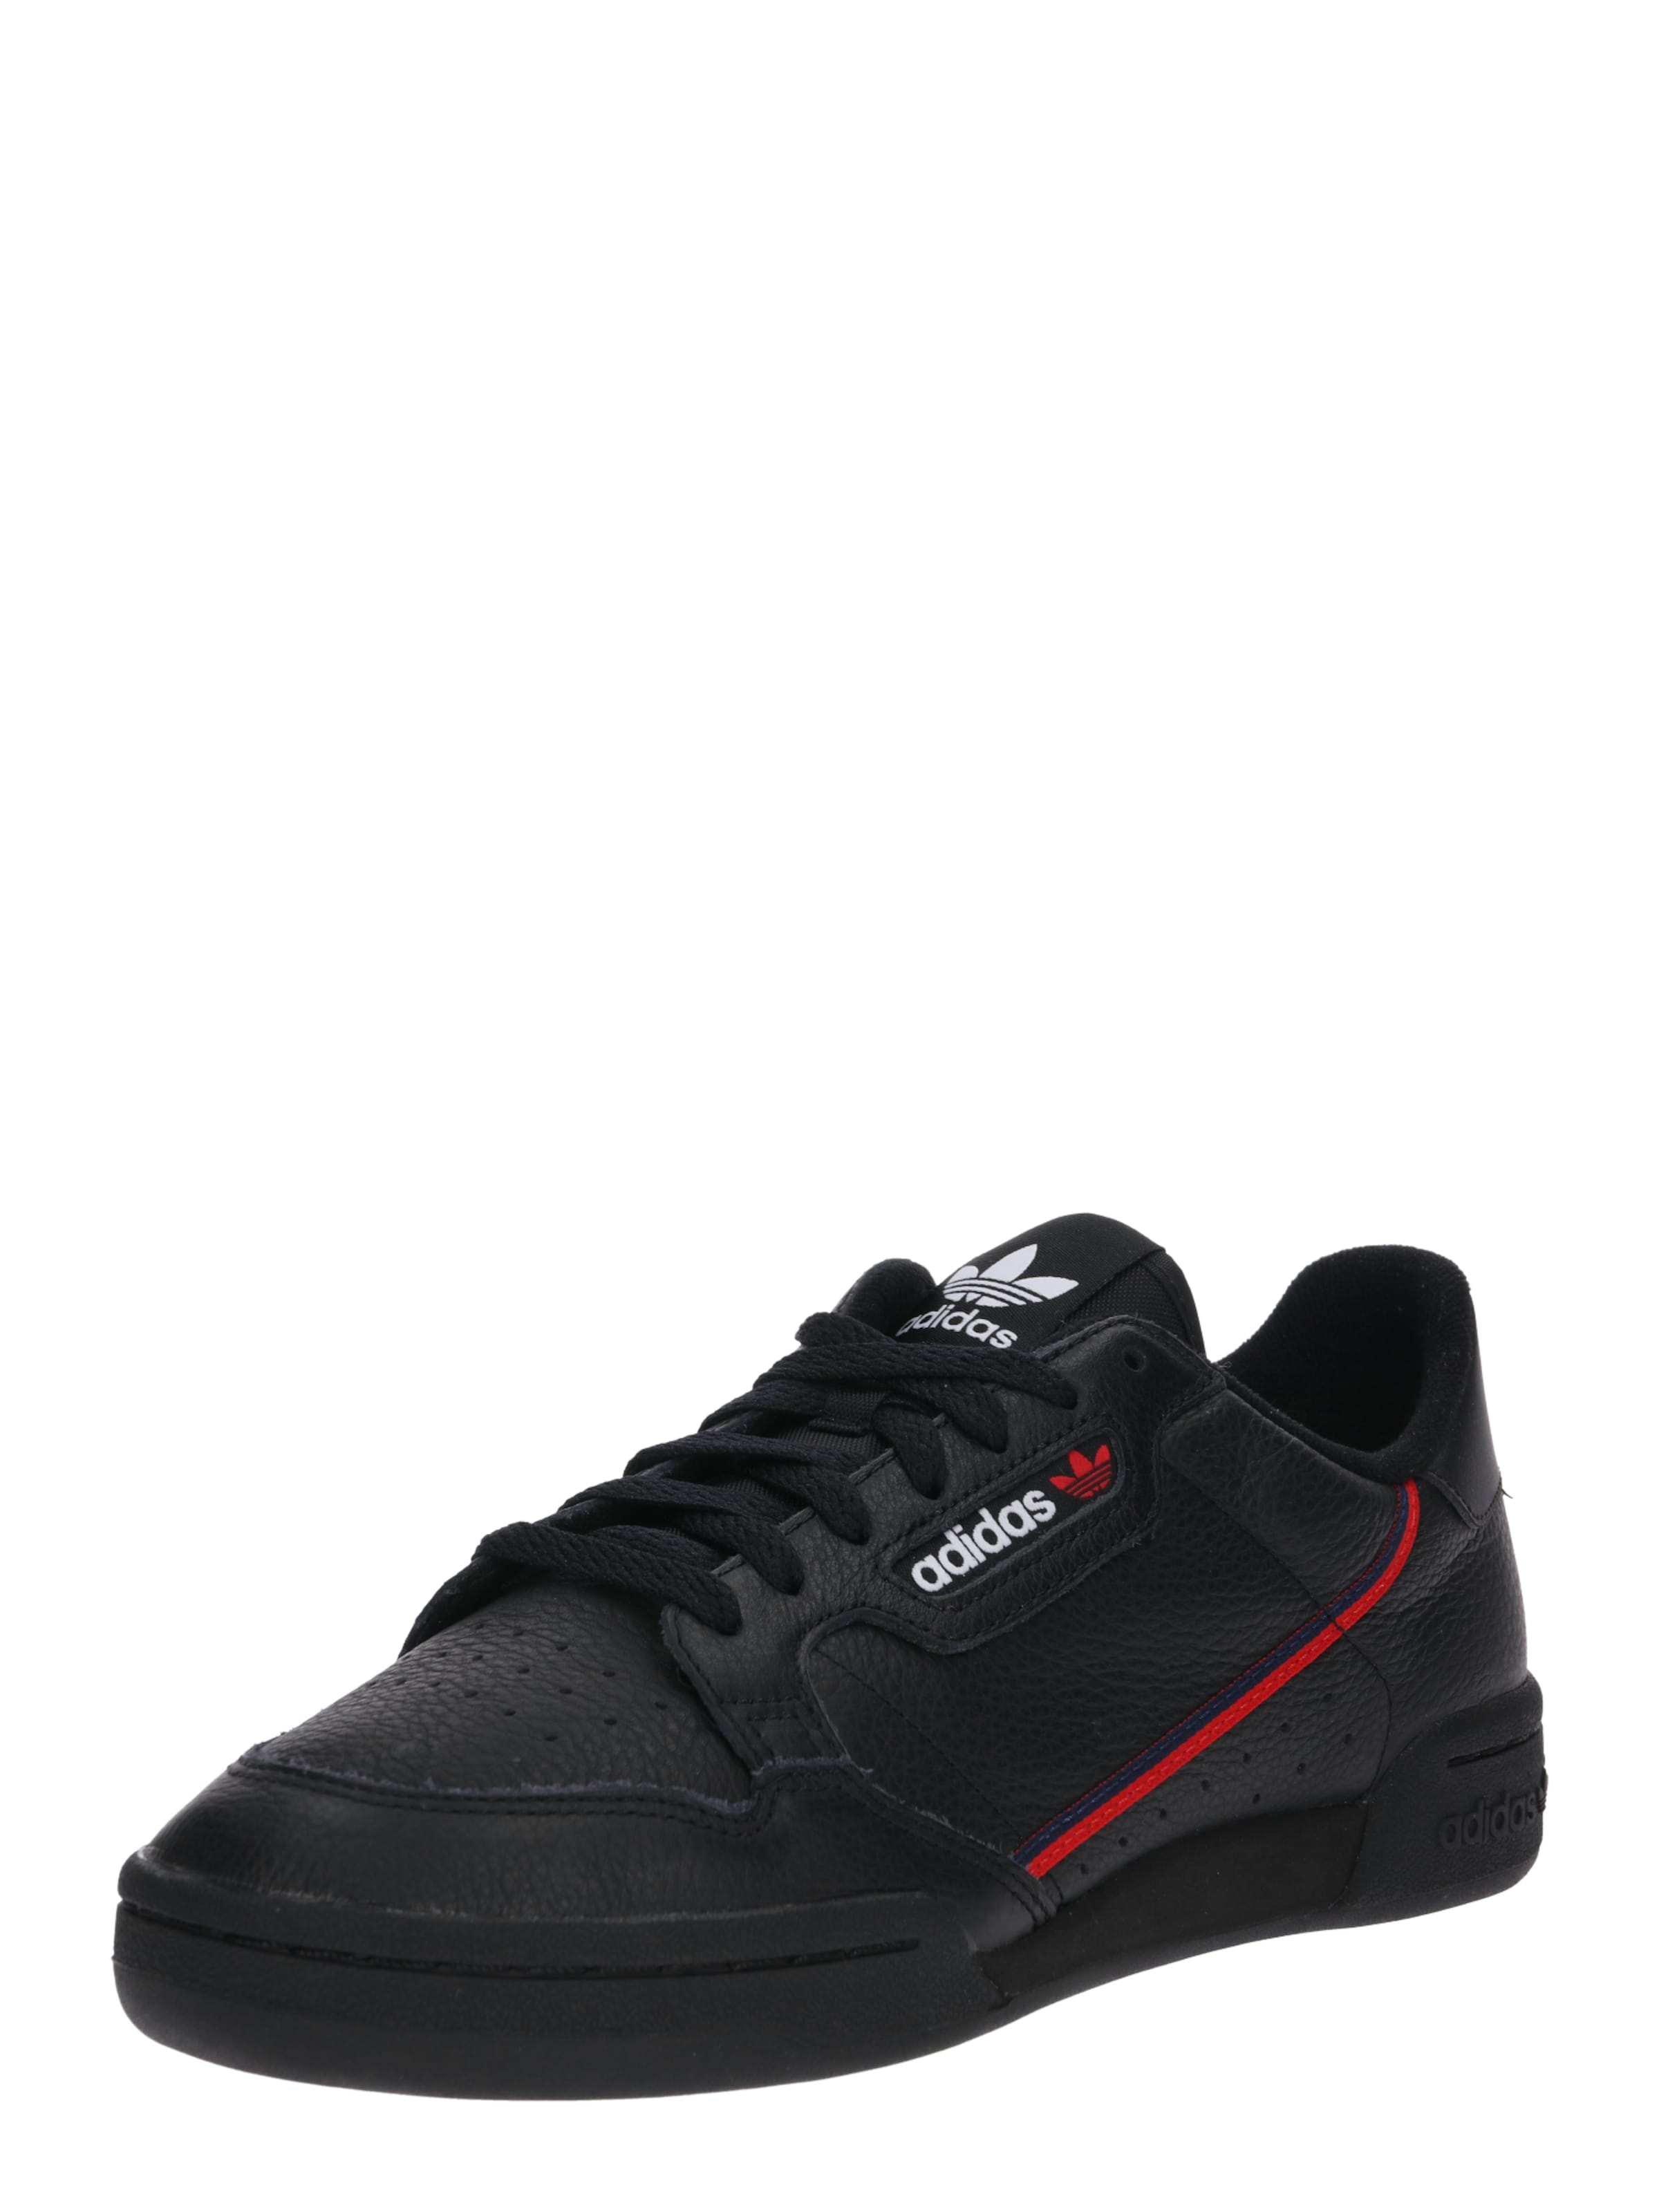 'continental Originals In Adidas Sneaker 80' RotSchwarz Weiß jLq3A54R